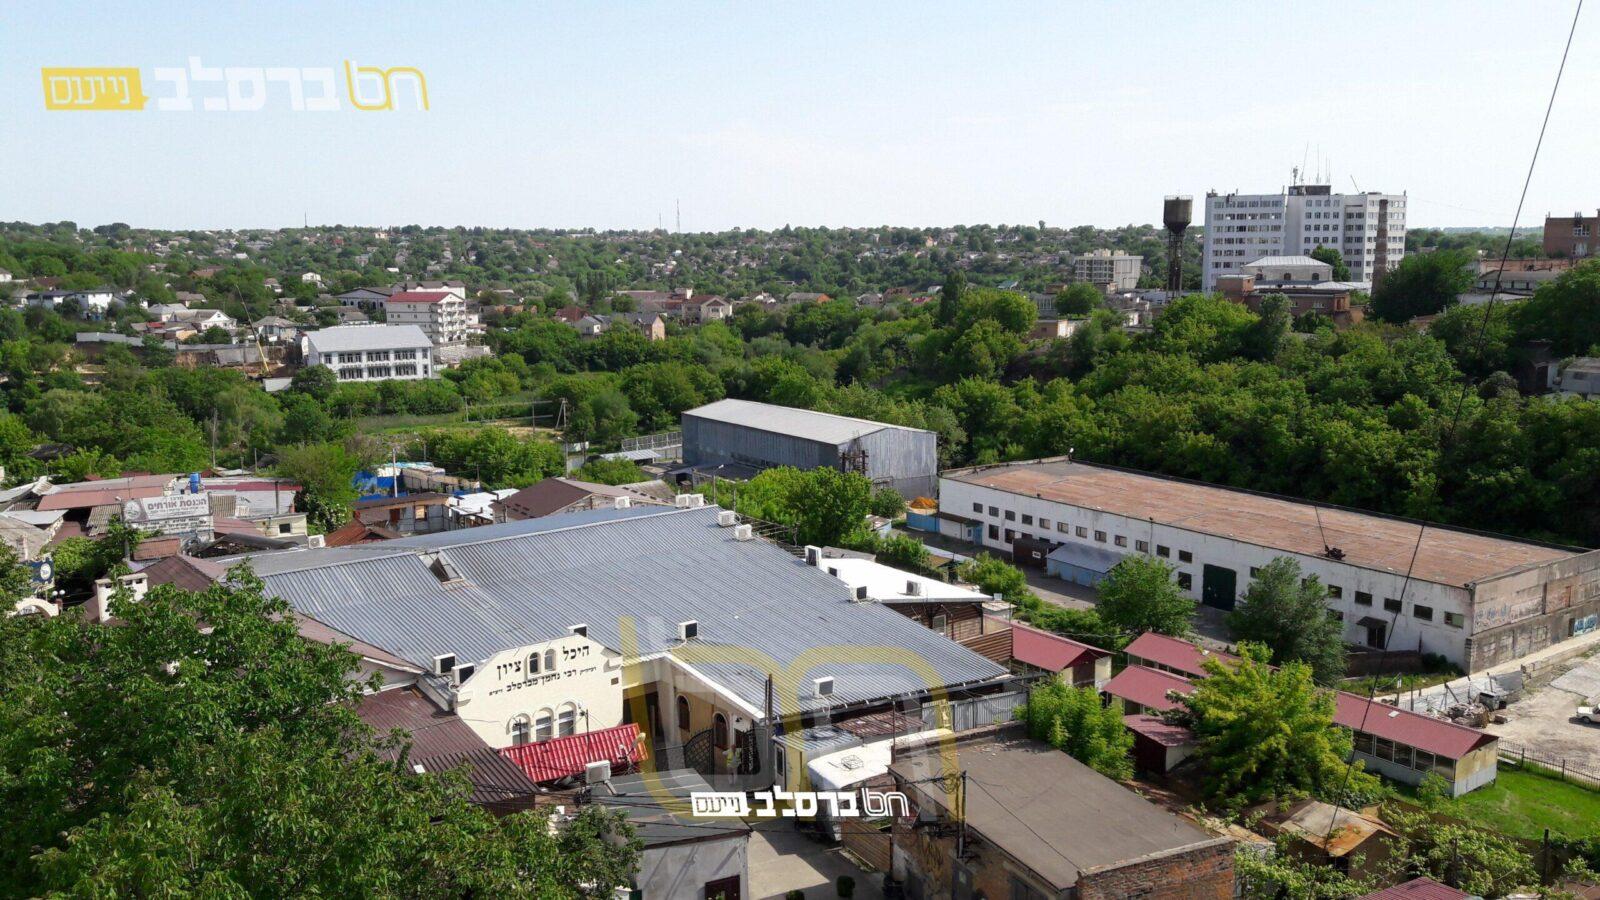 ירושלים הקטנה באומן • כל הפרטים על הצעת חוק לפיתוח אזור הציון הקדוש באומן